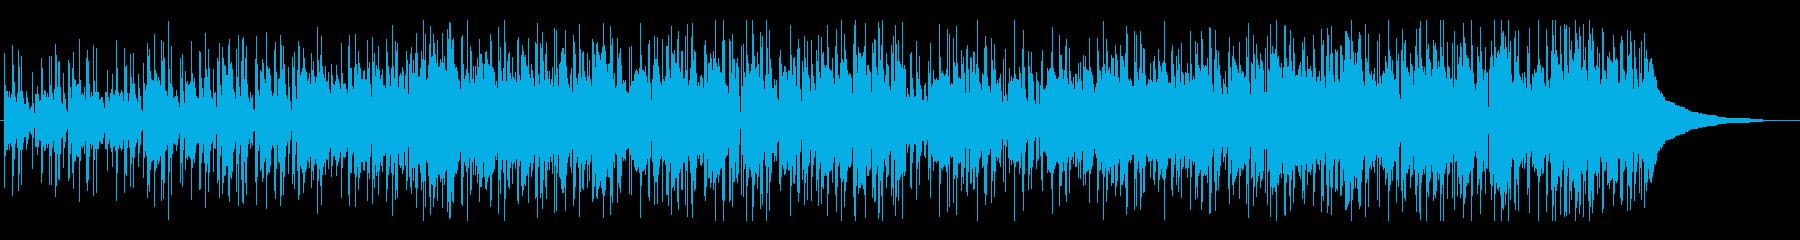 口笛が特徴的な明るくポップなBGMの再生済みの波形